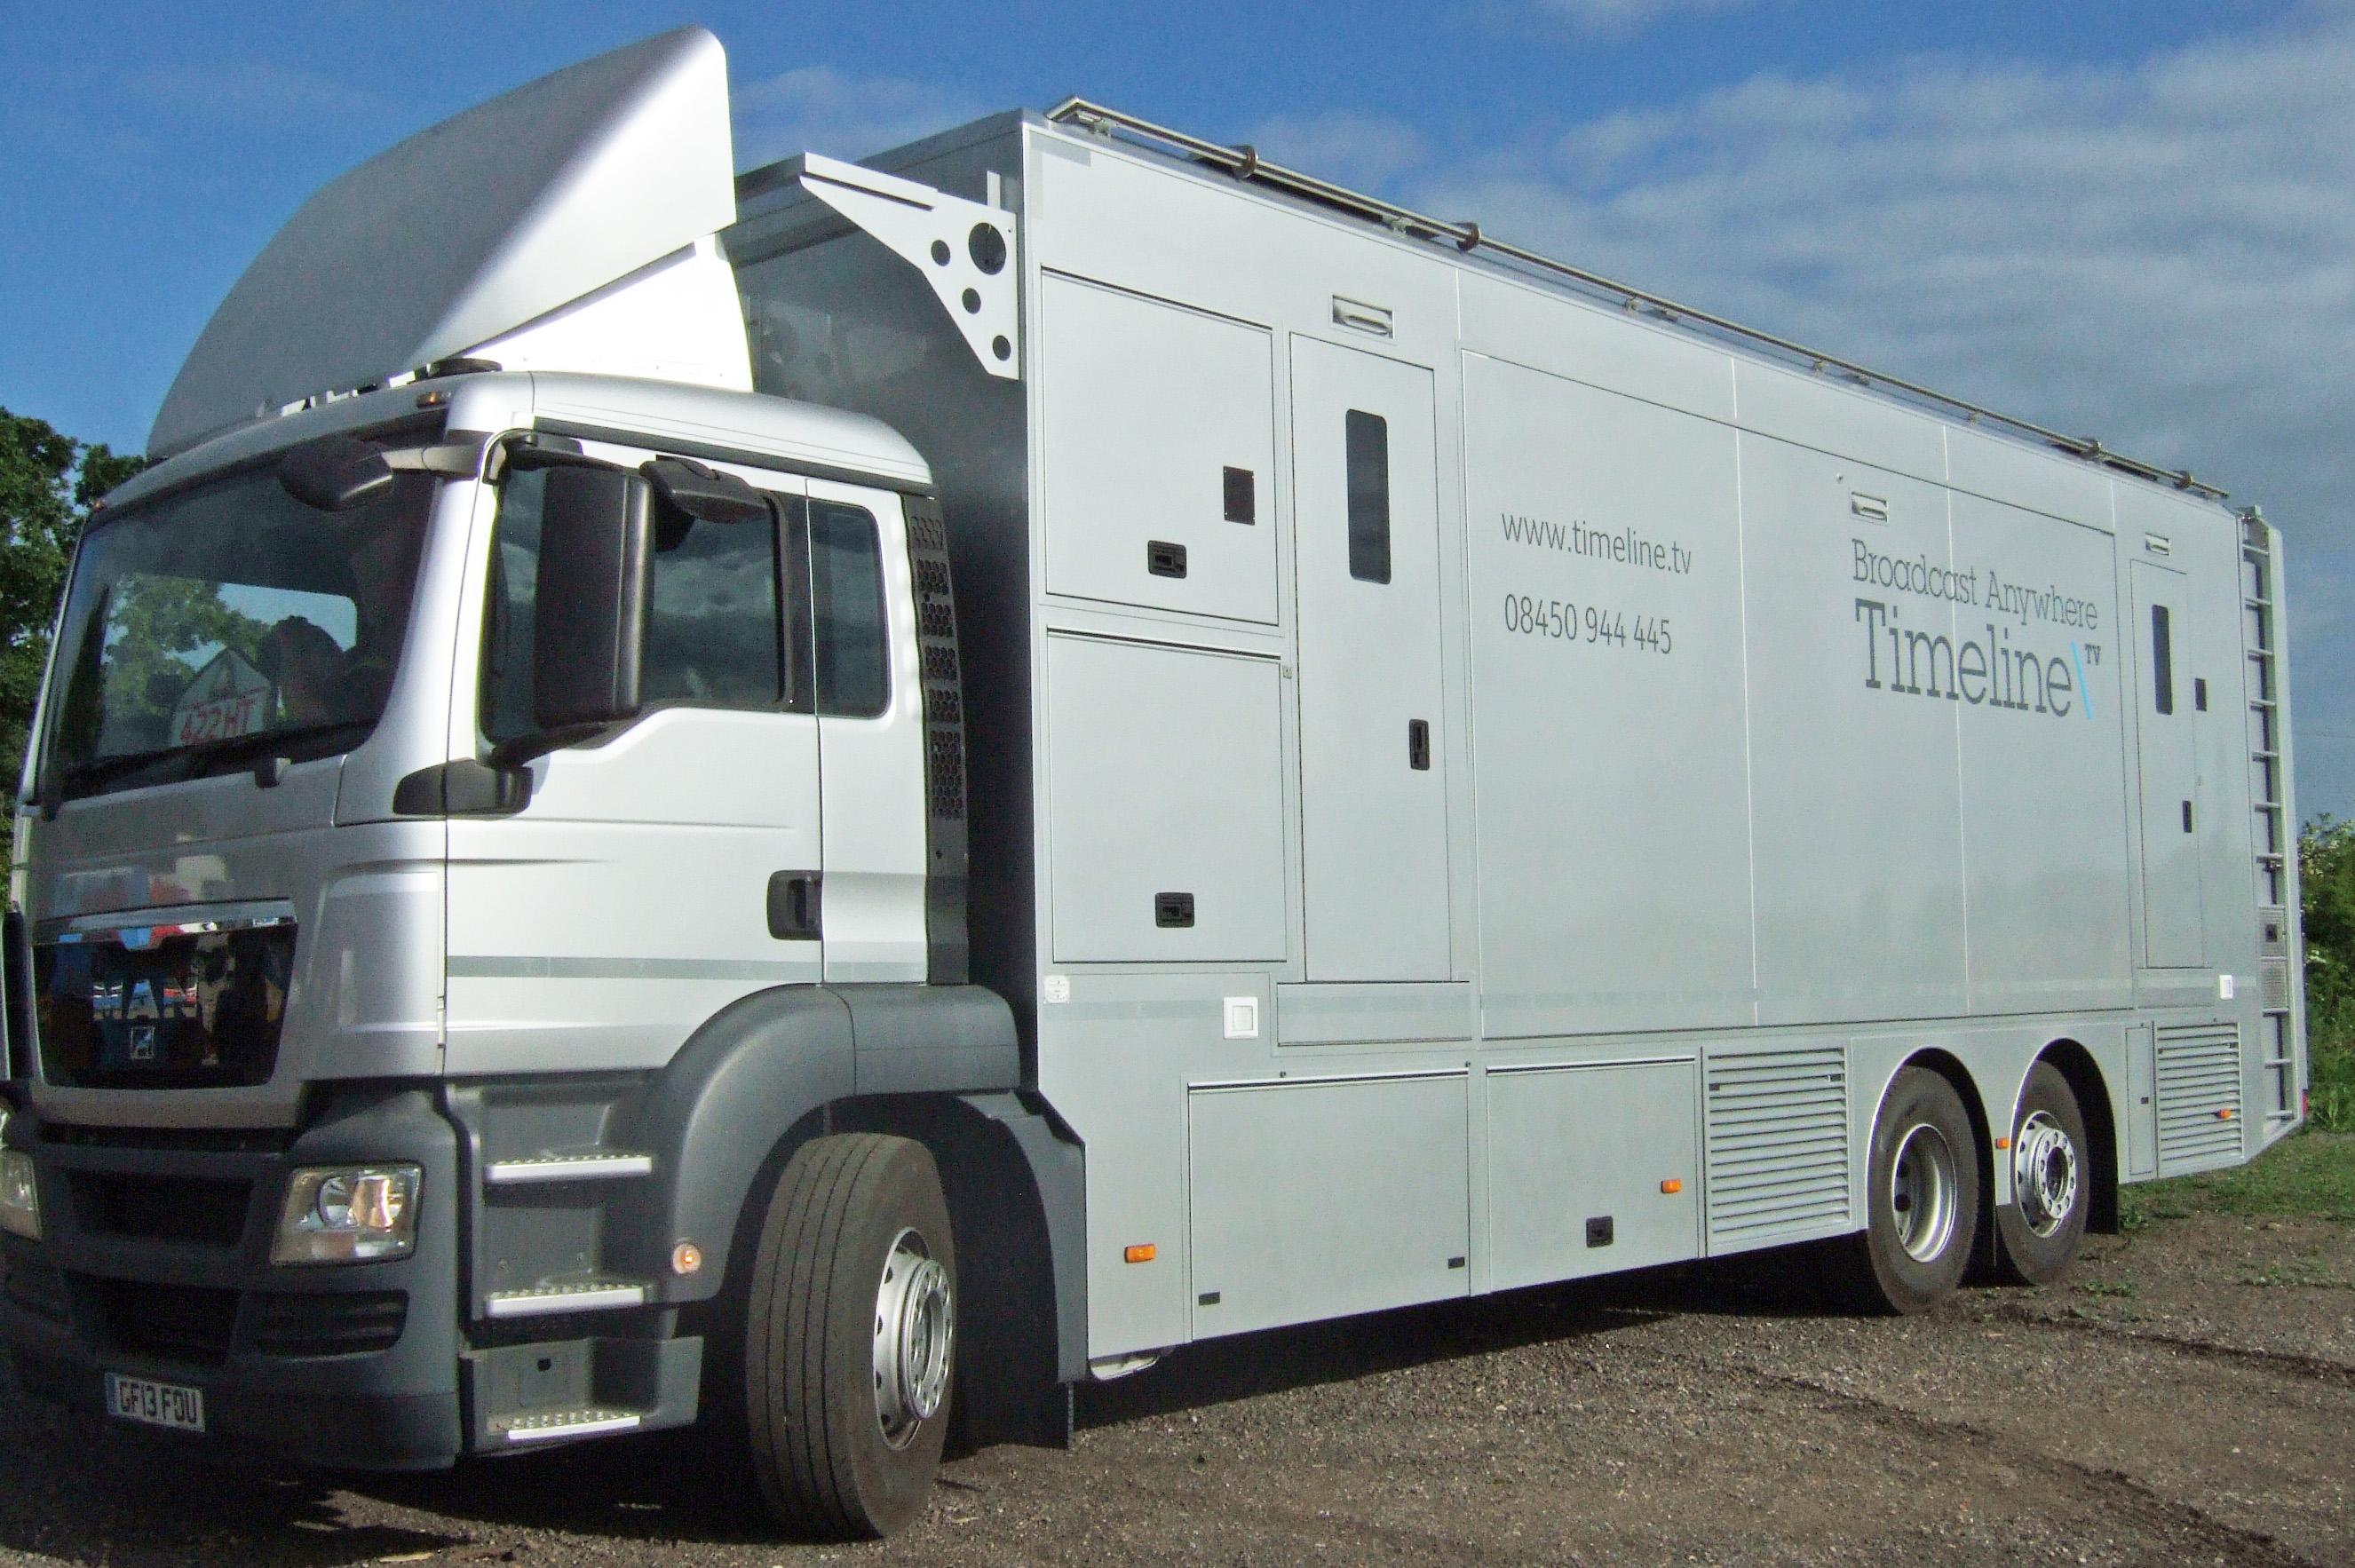 Timeline Television OB truck